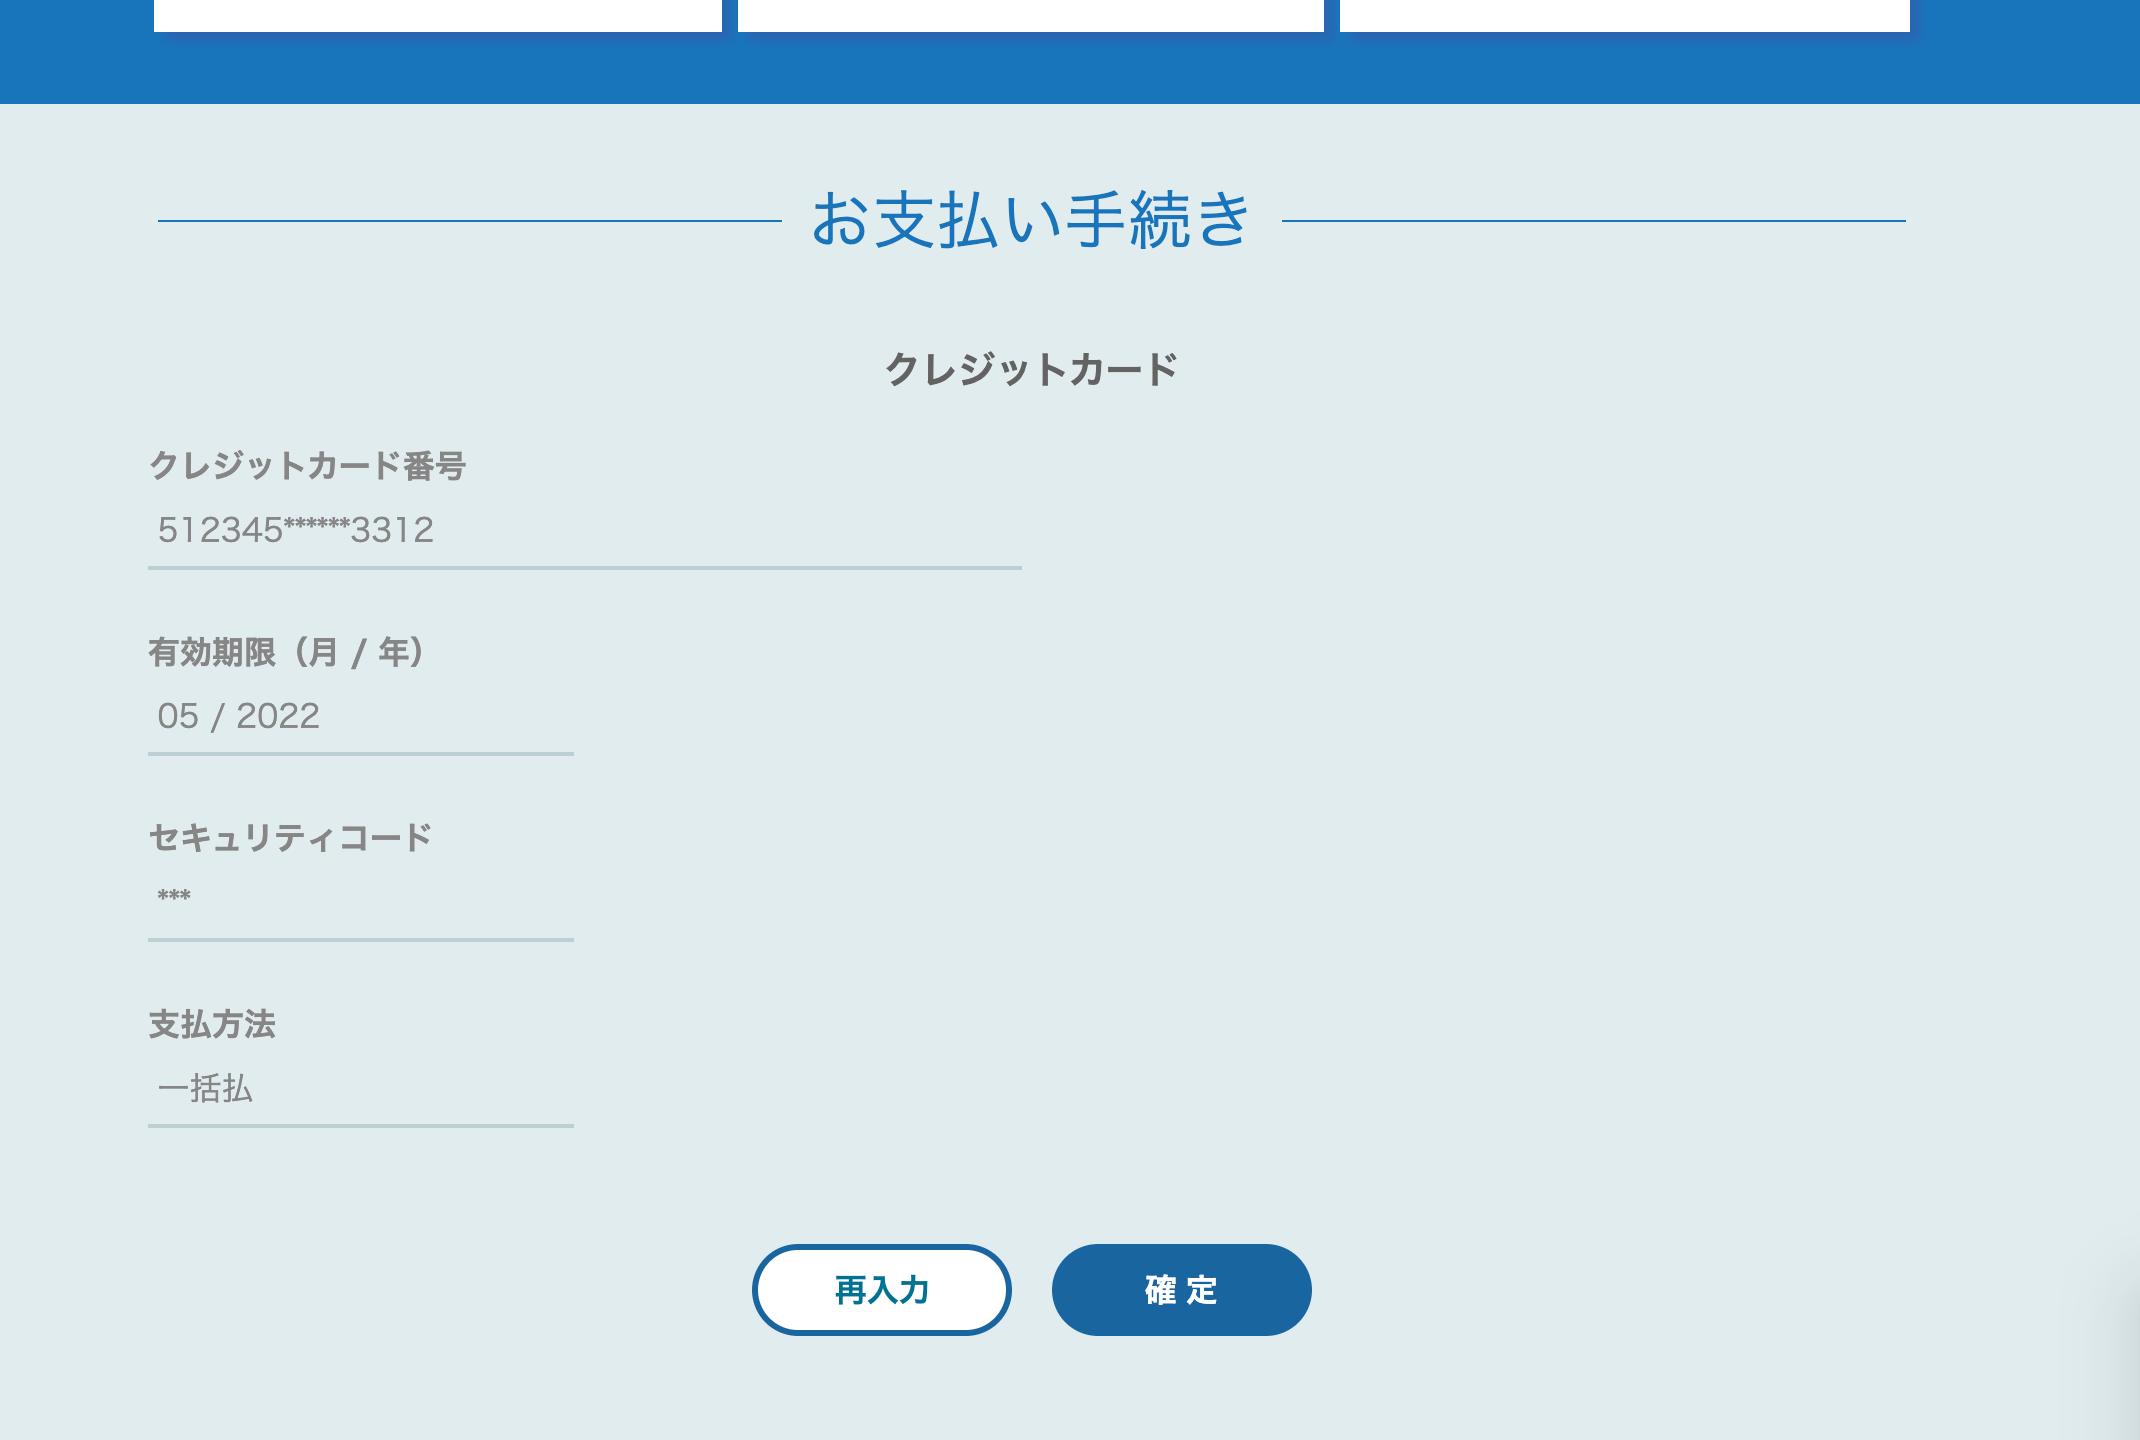 スクリーンショット 2020-10-06 8.06.32.png